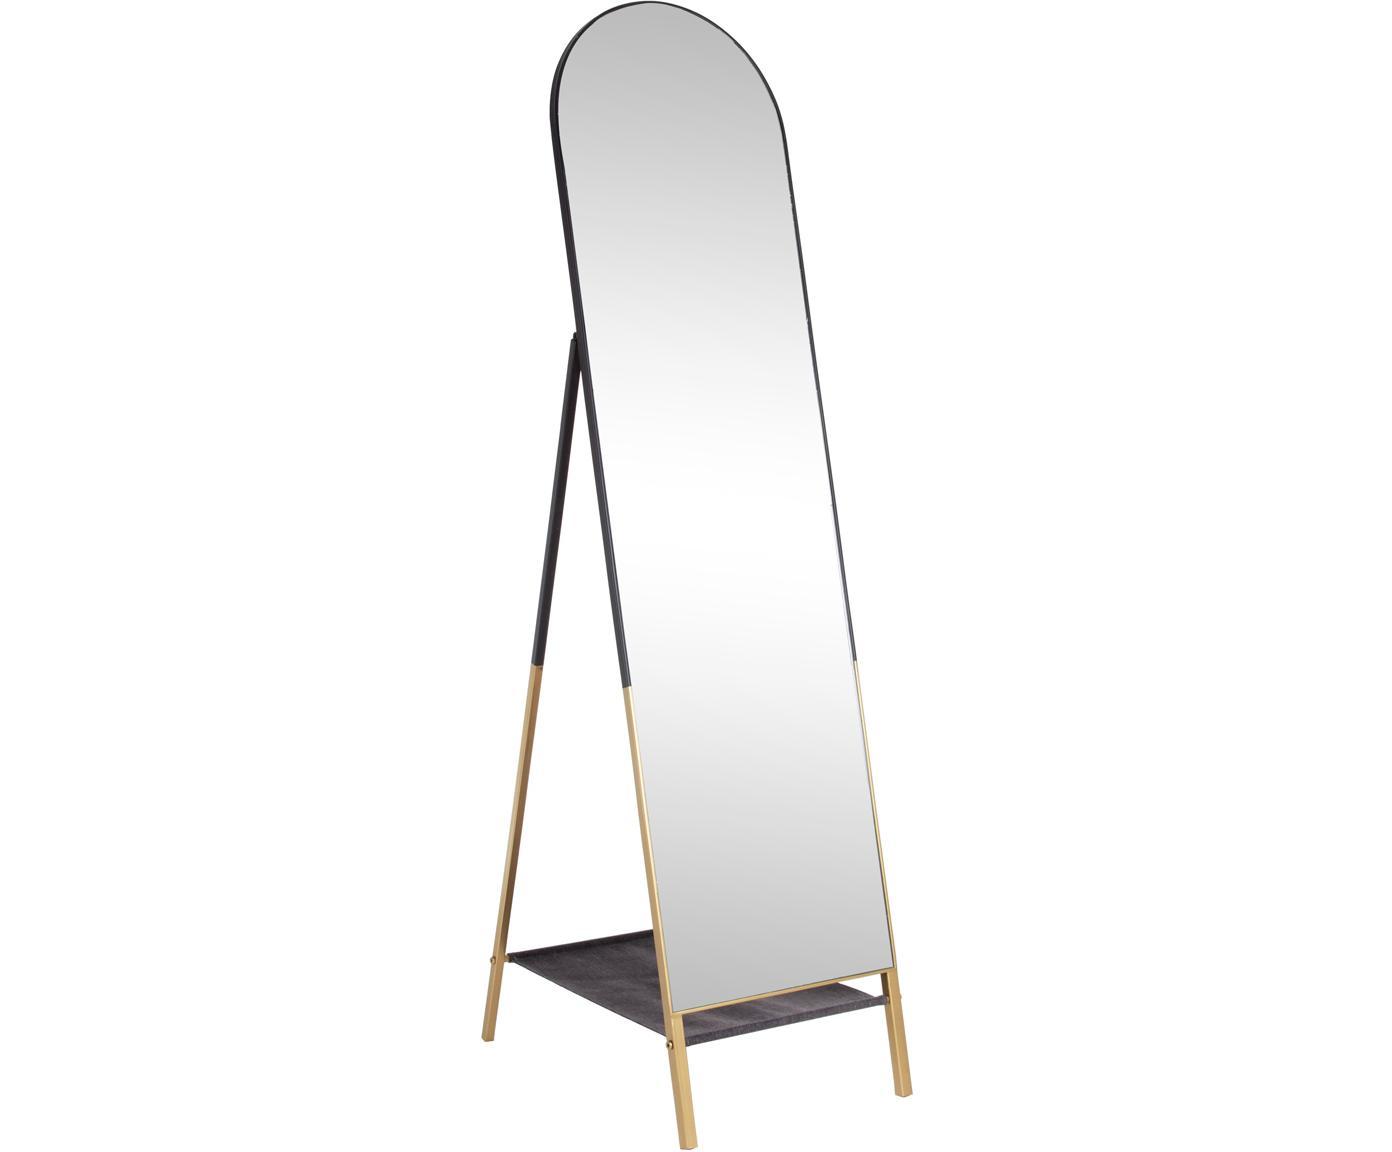 Specchio da terra Reflix, Cornice: metallo rivestito, Superficie dello specchio: lastra di vetro, Nero, dorato, Ø 42 x Alt. 170 cm